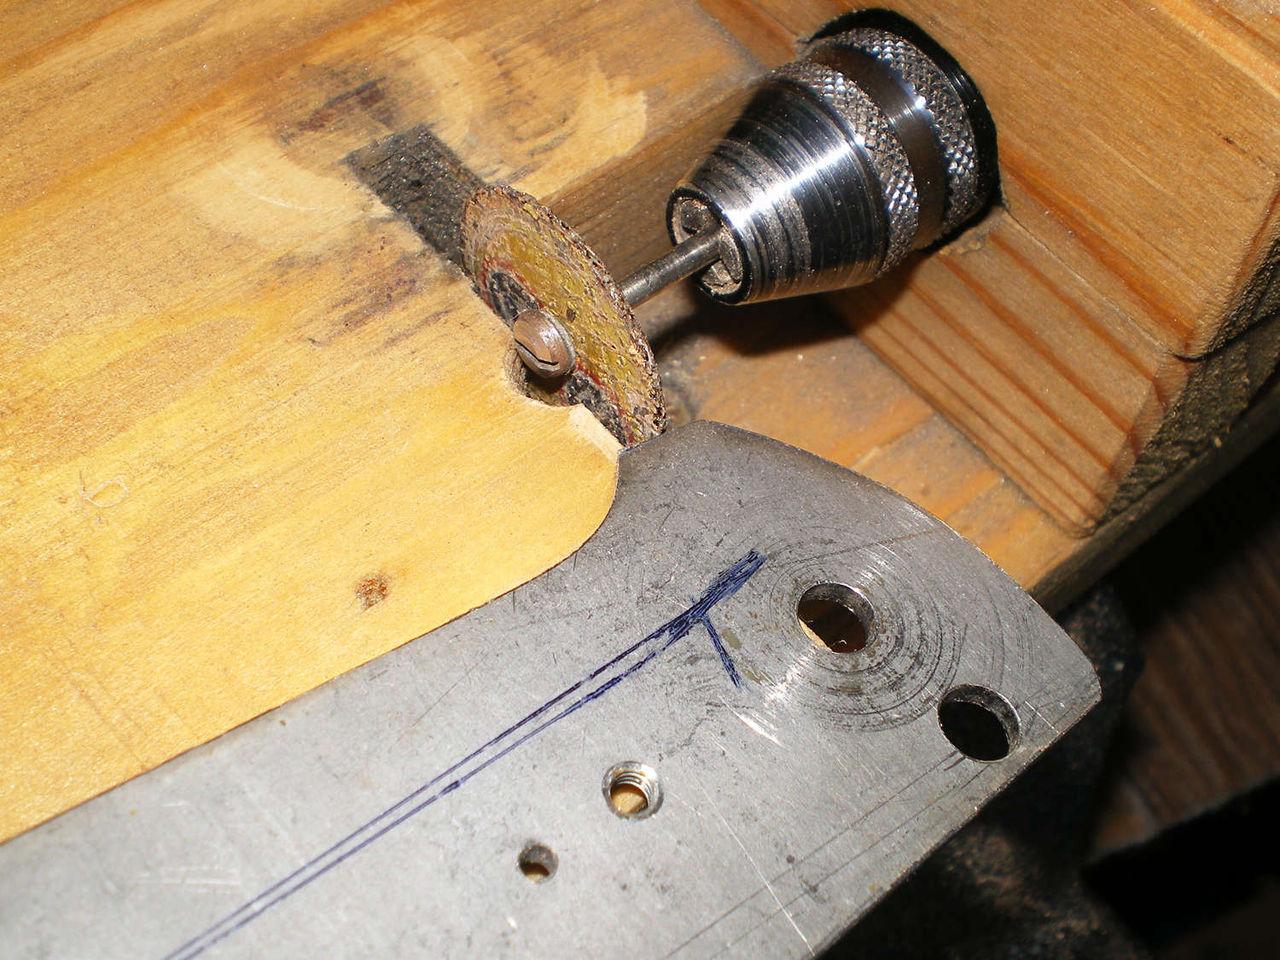 Приспособления для гаража своими руками: самодельные станки, инструменты 8